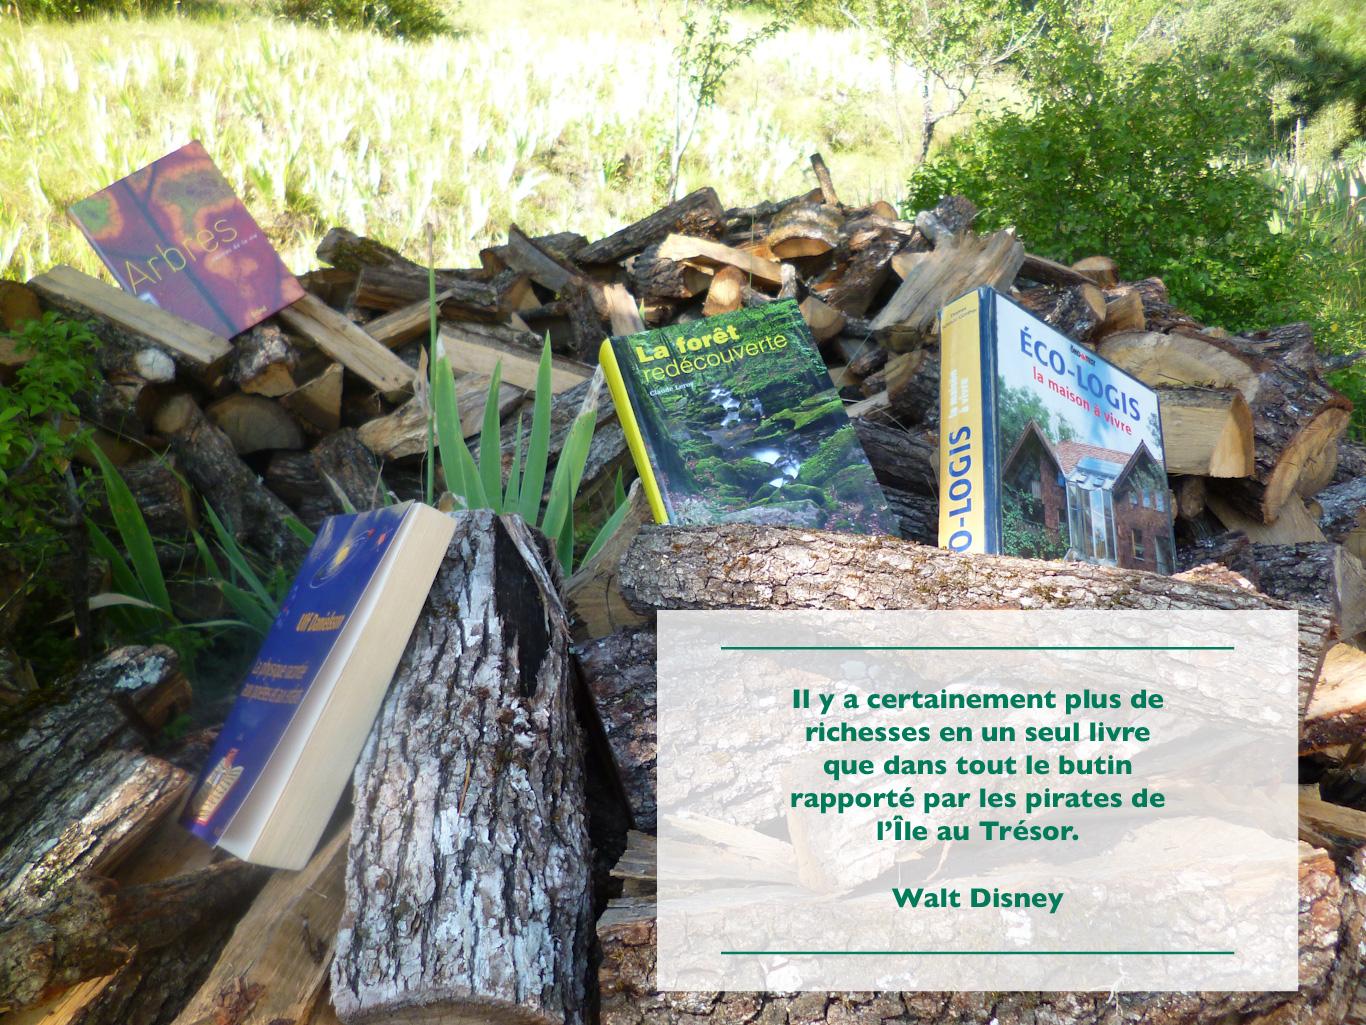 Plusieurs livres entre les bûches de bois dans la nature